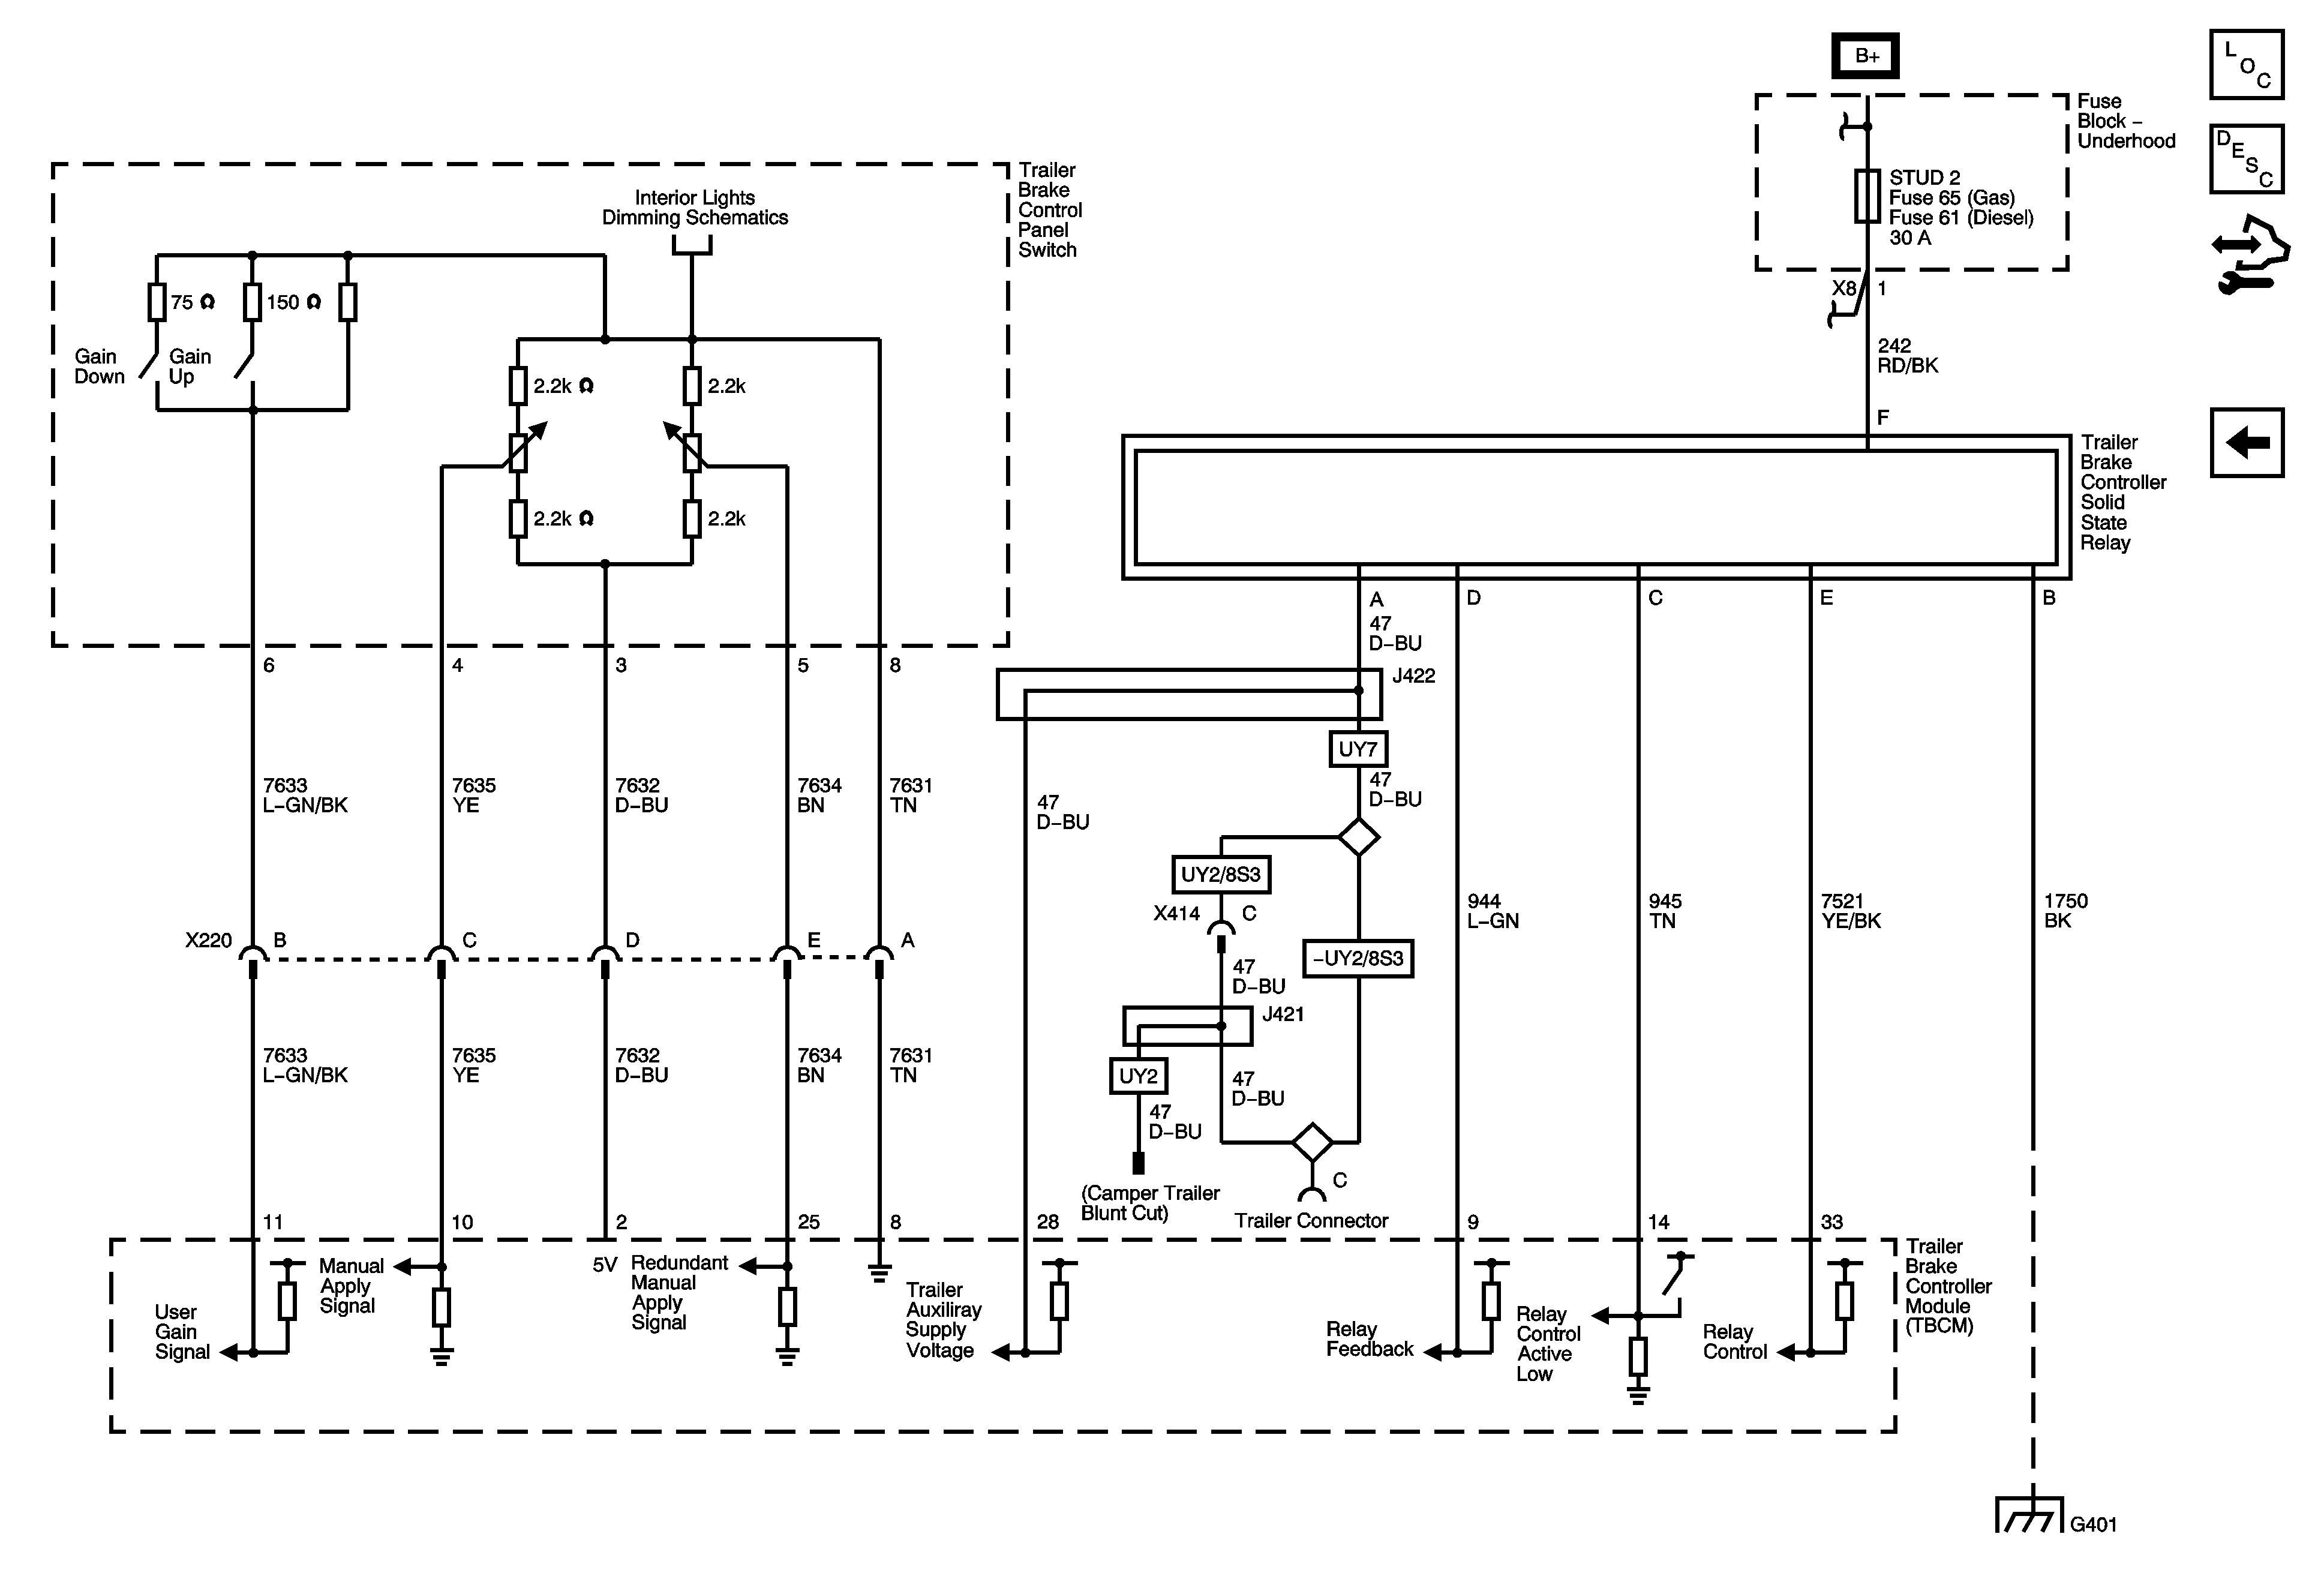 Tekonsha Voyager Brake Controller Wiring Diagram Wiring Diagram for Redarc Electric Brake Controller Inspirationa Of Tekonsha Voyager Brake Controller Wiring Diagram